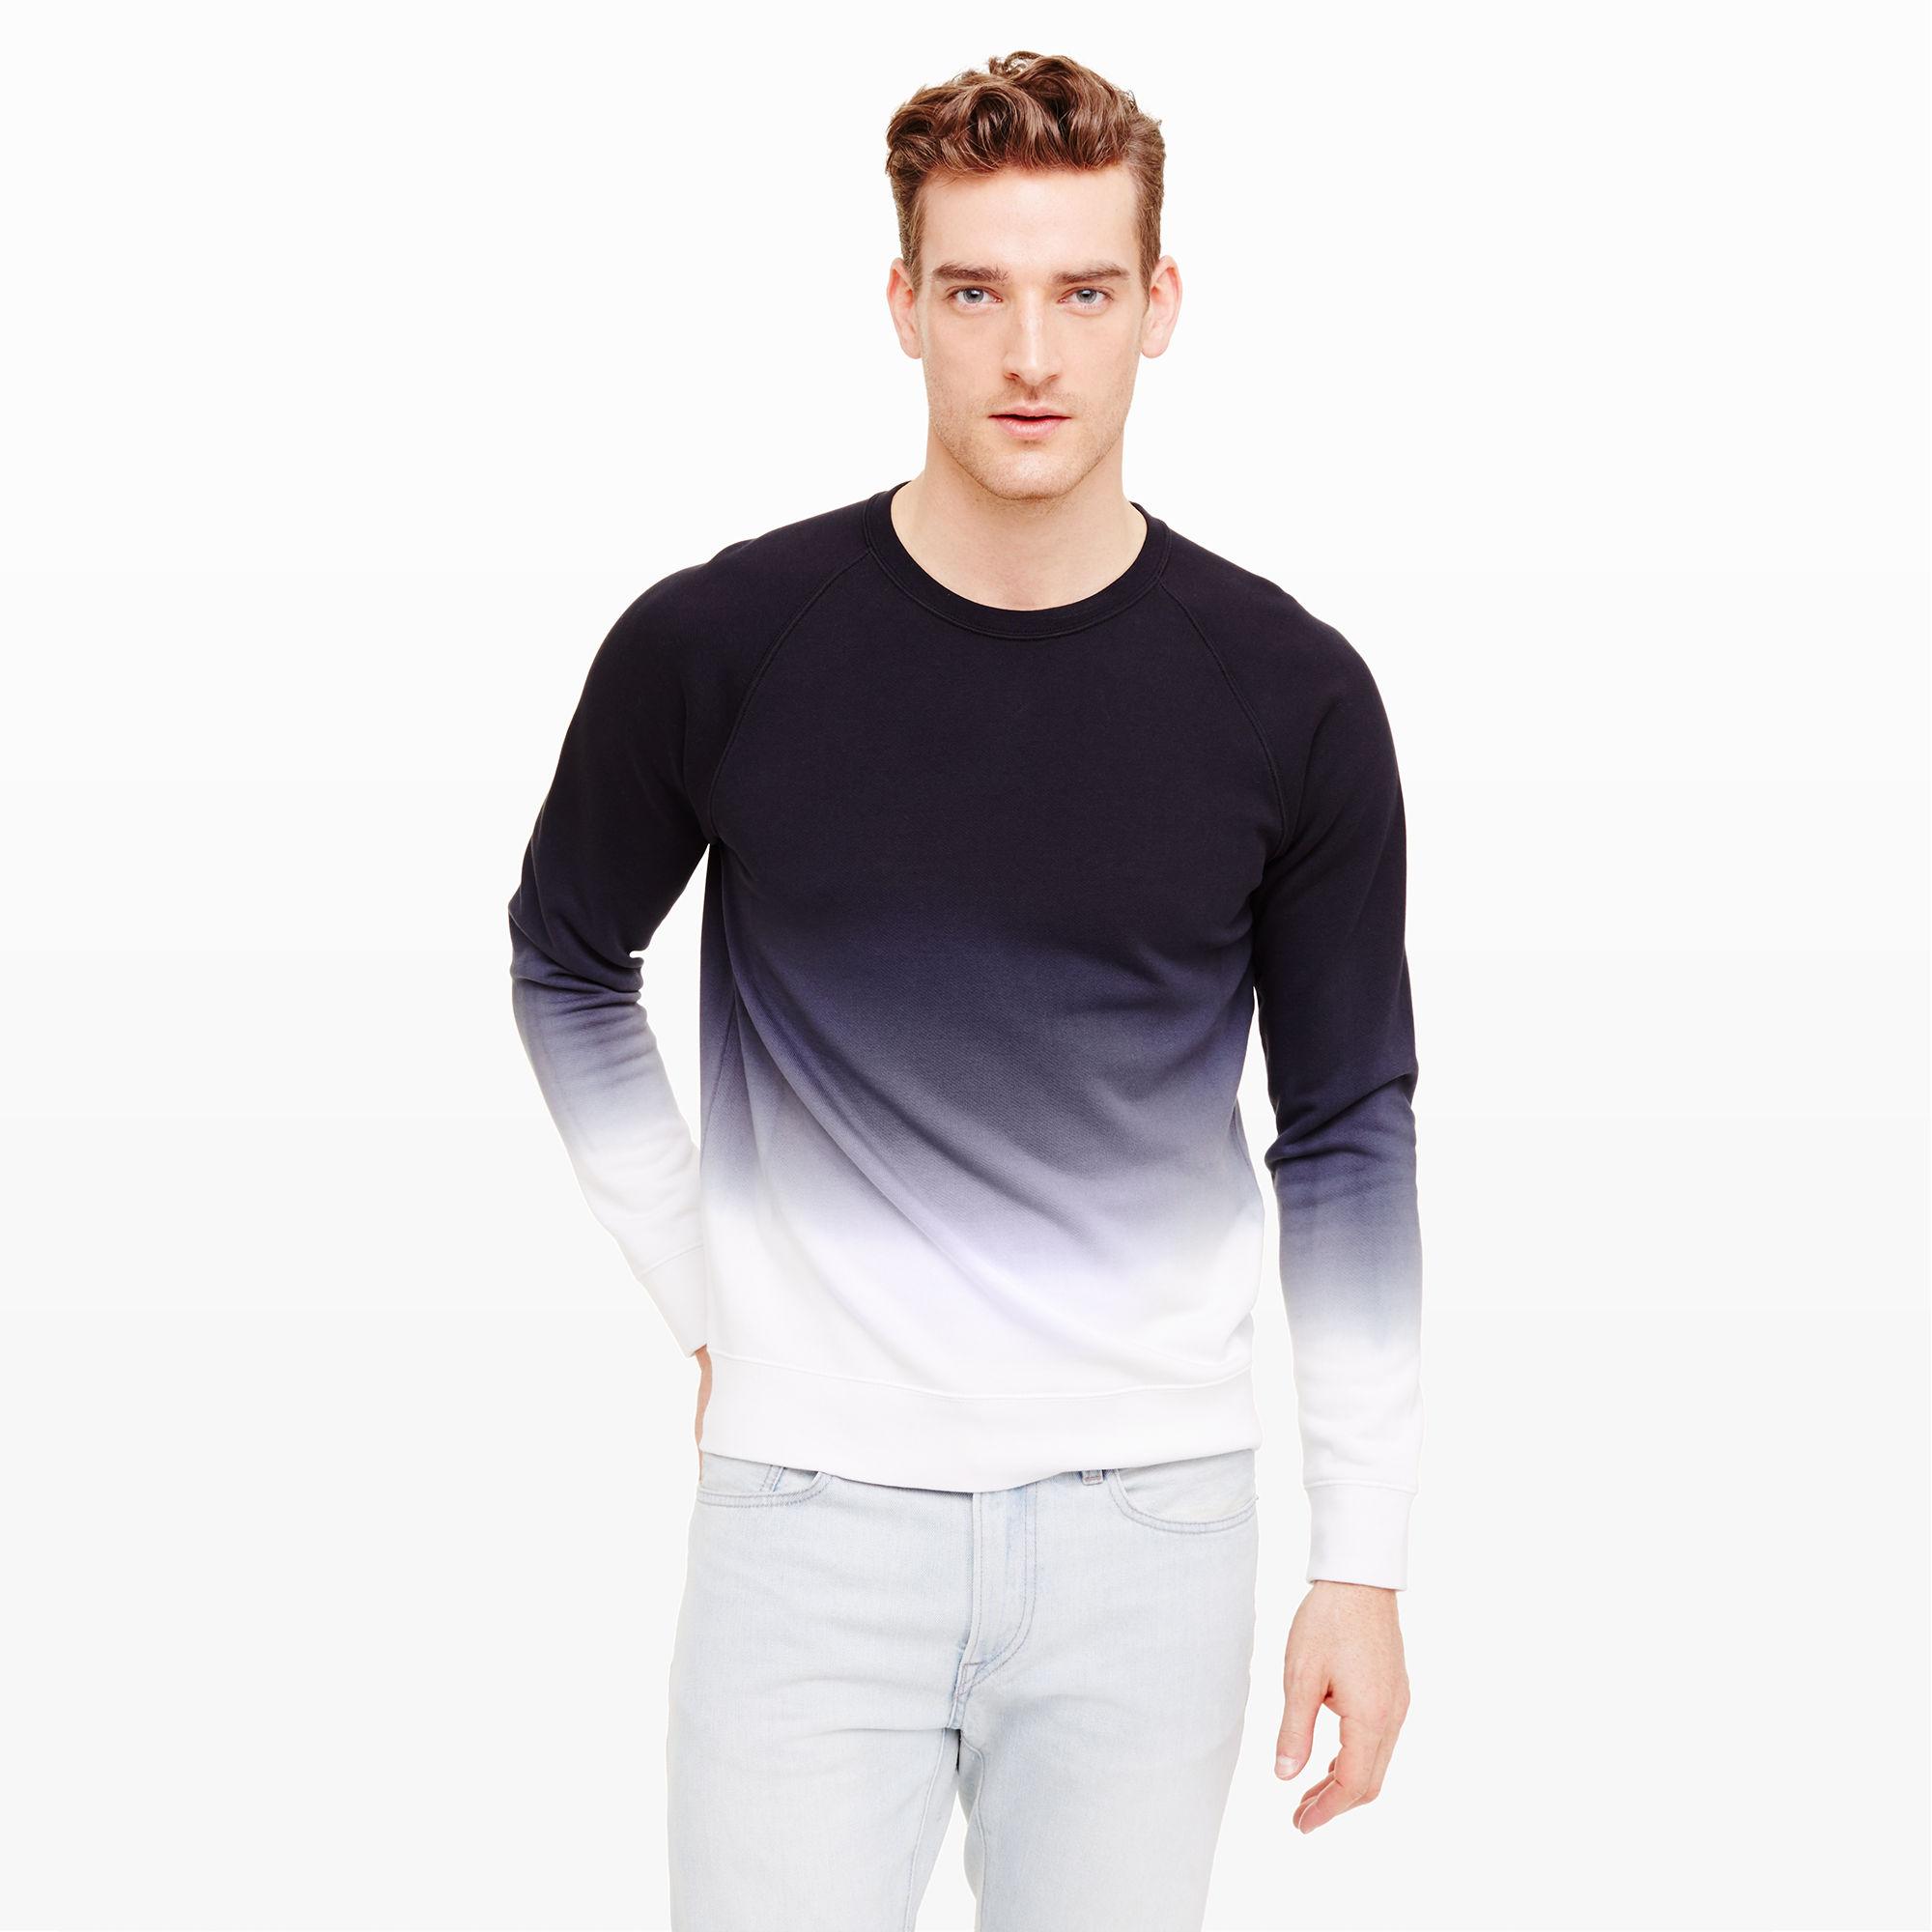 Club monaco Ombré Crewneck Sweatshirt in Black for Men   Lyst